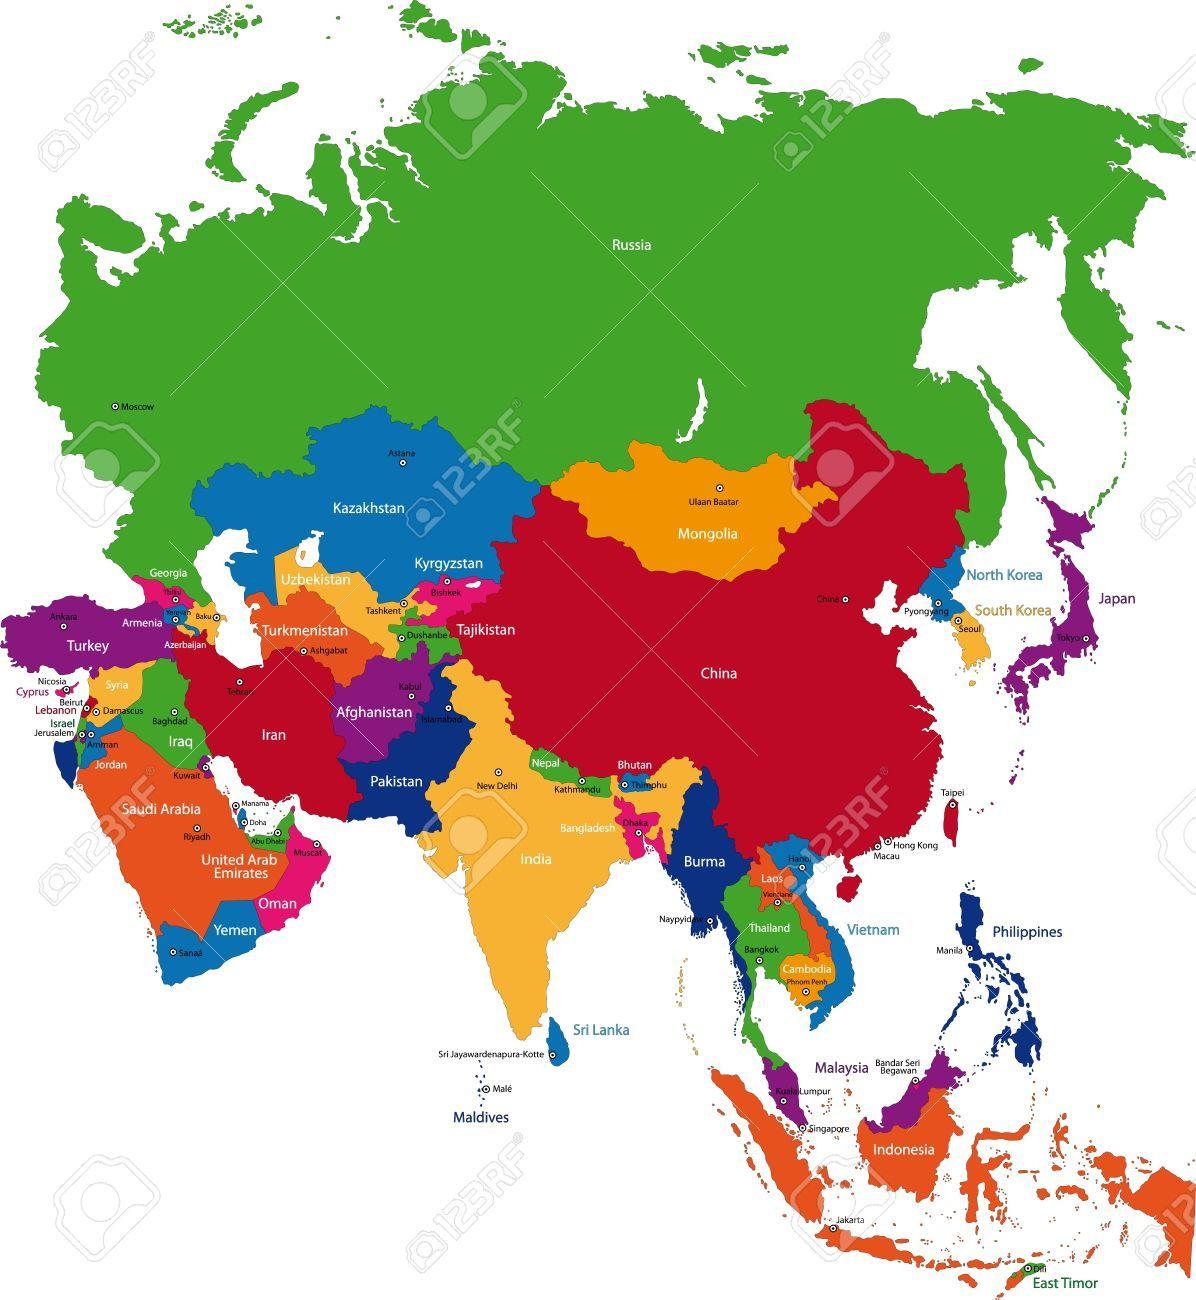 Landkarte Asien.Asien Lander Zemepis Asien Landkarte Asien Karte Und